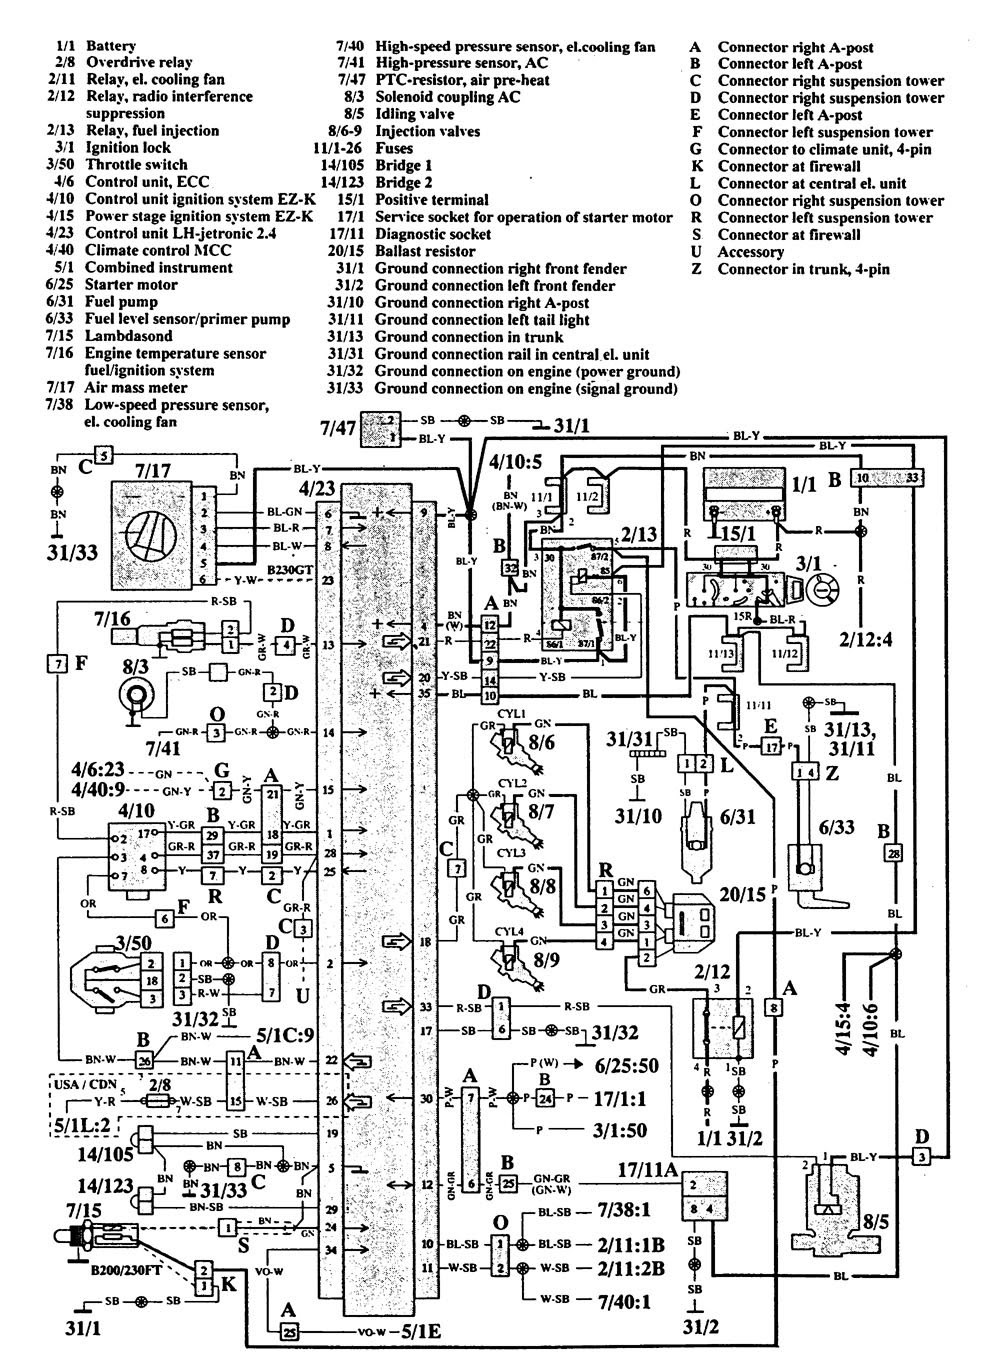 1990 Camaro Fuse Panel Diagram